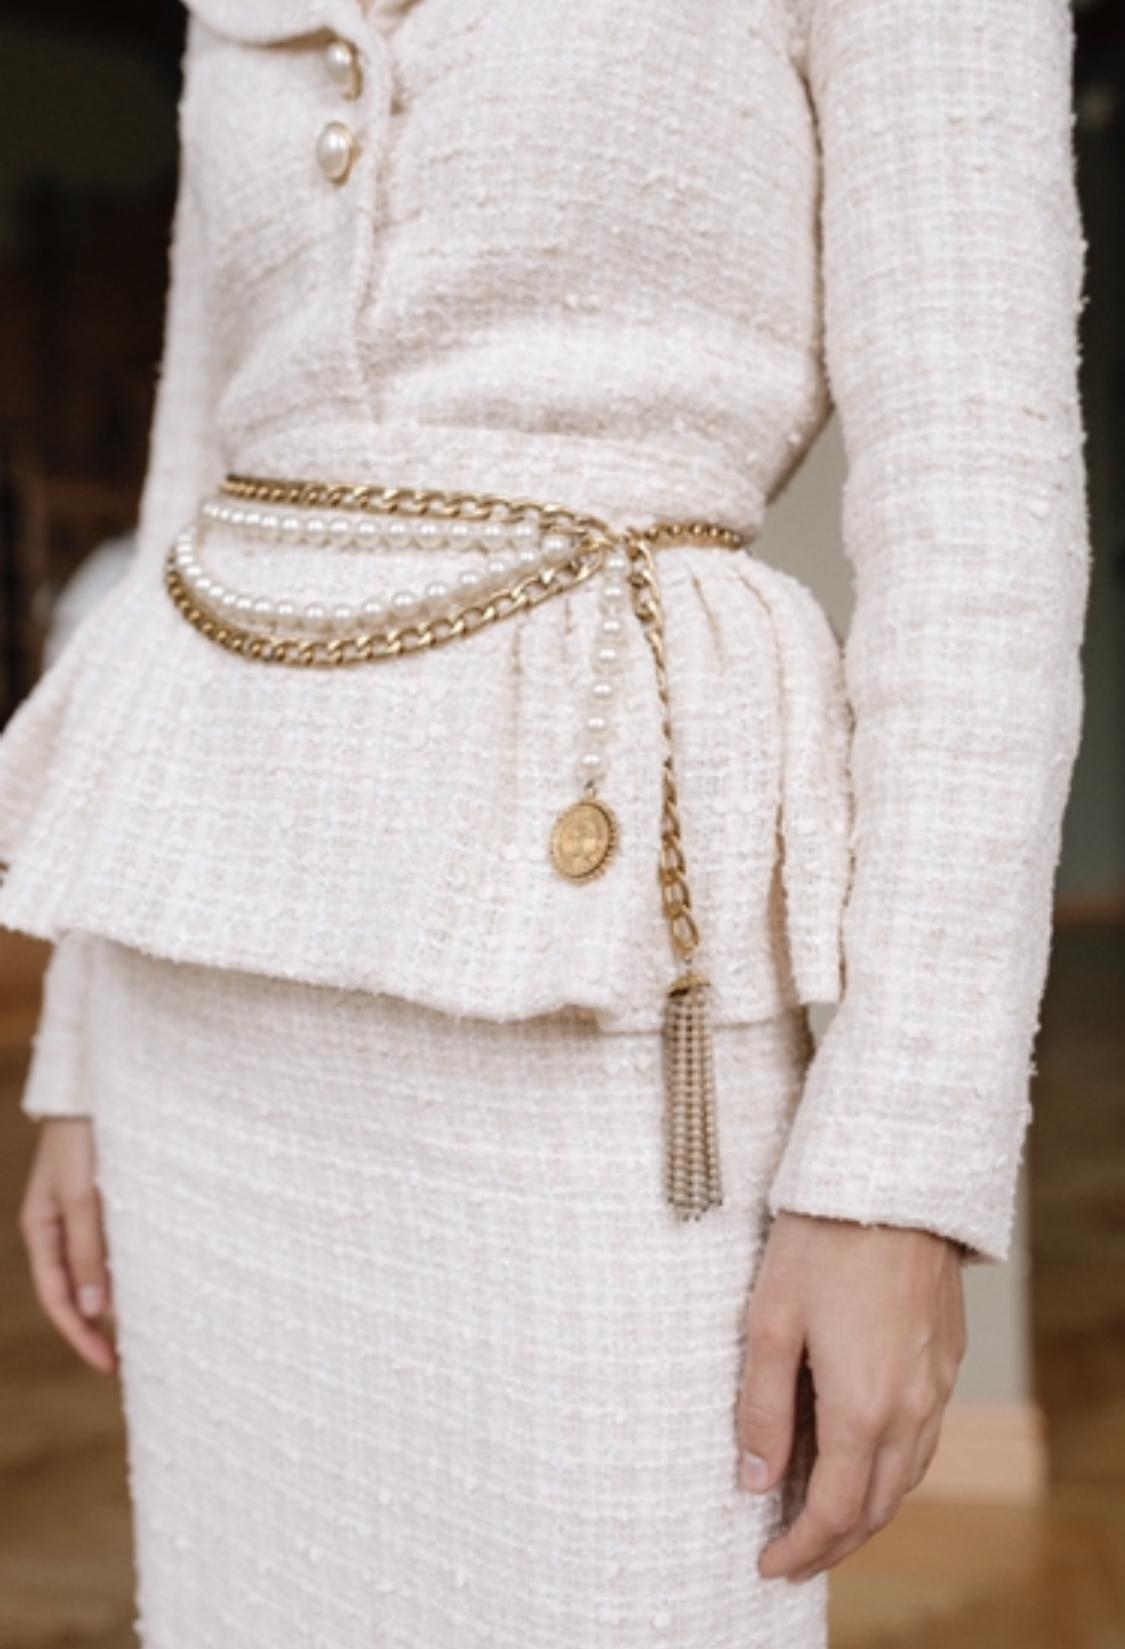 Элегантное колье-пояс Chanel с жемчугом 1980-е